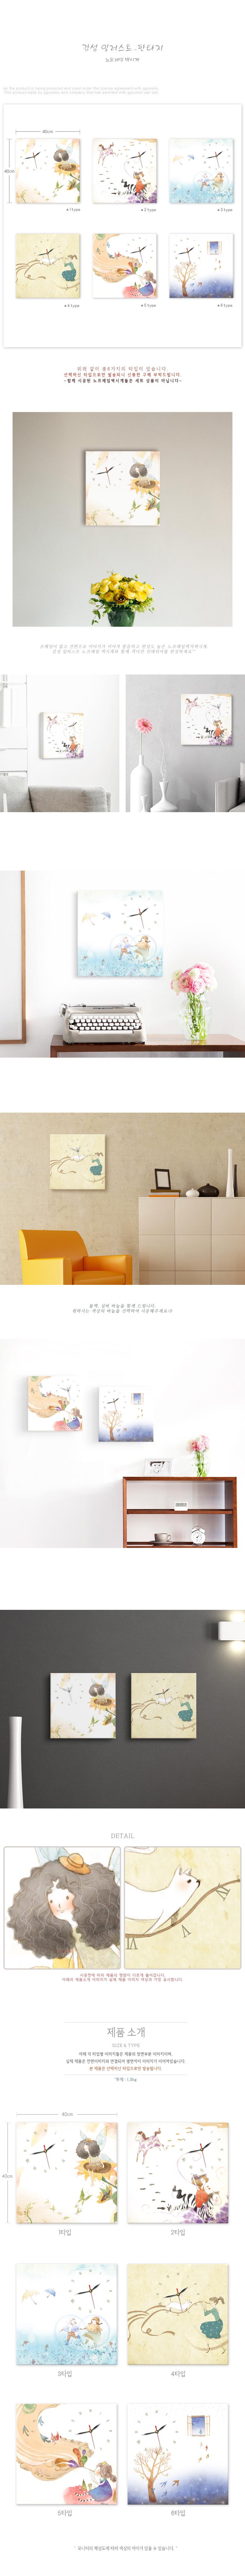 it087-감성일러스트_판타지_노프레임벽시계 - 꾸밈, 25,900원, 벽시계, 디자인벽시계